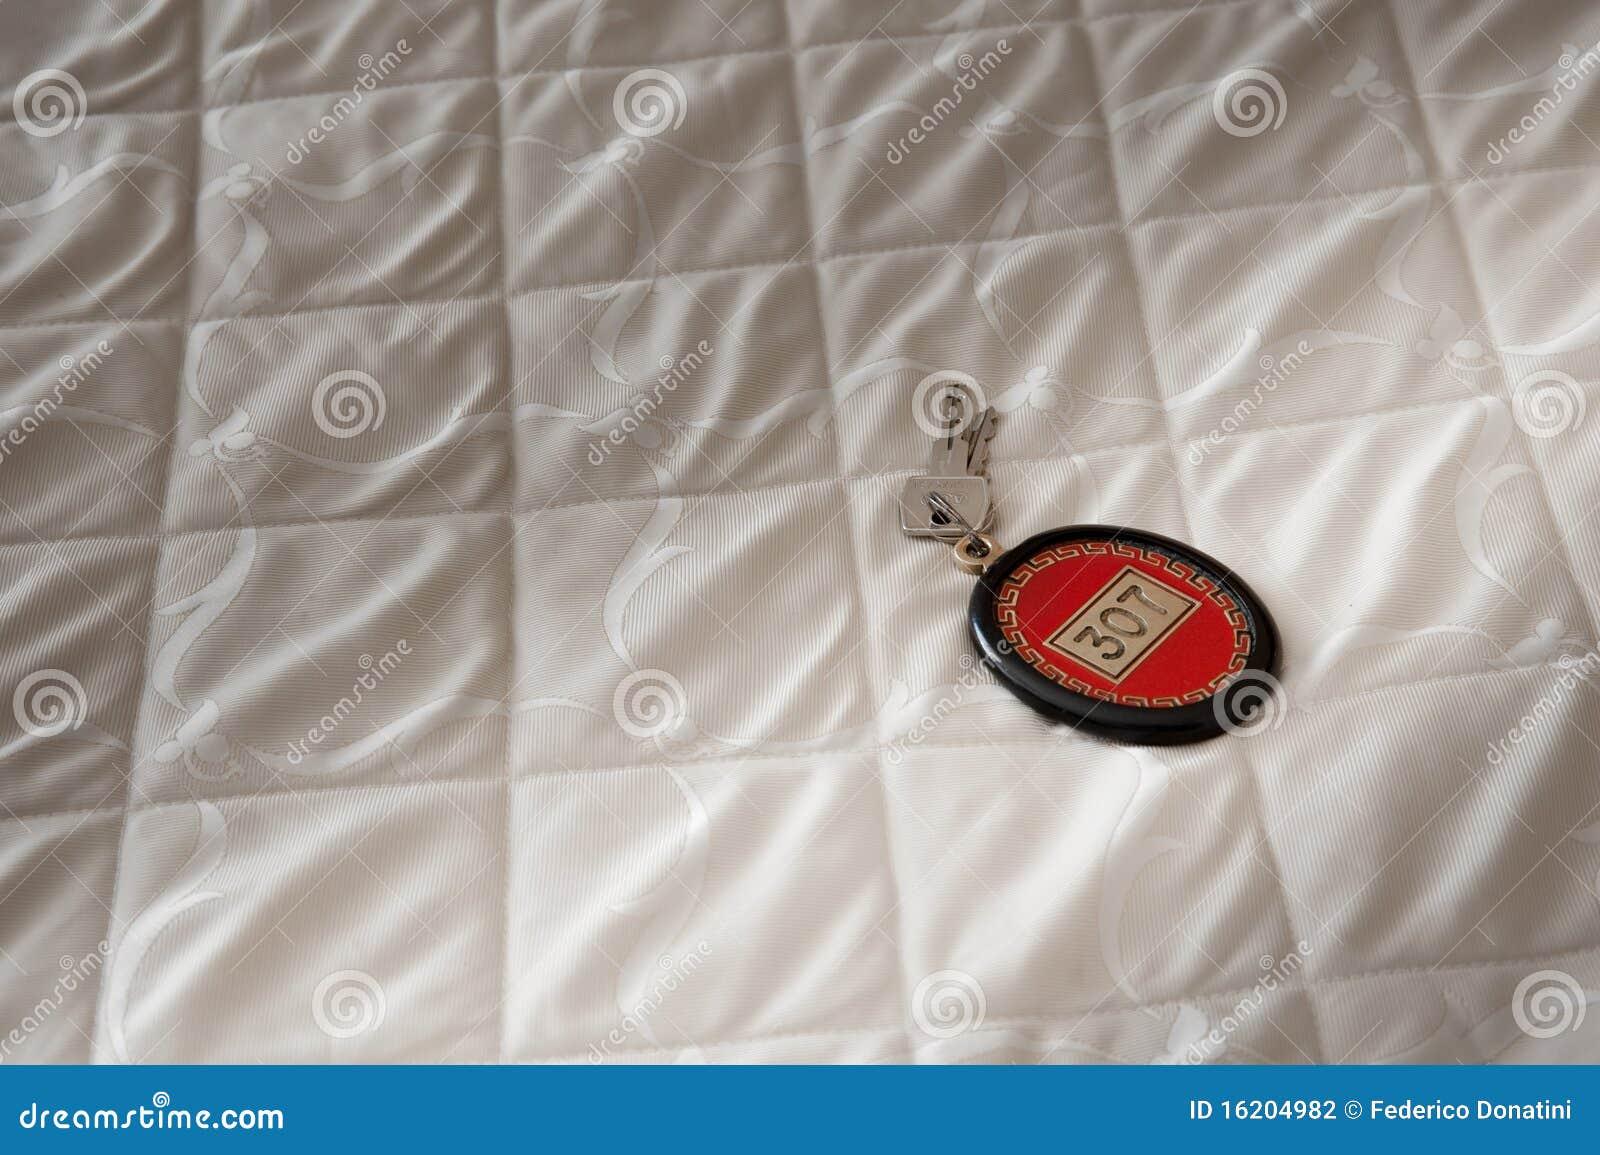 De sleutel van de zaal van het hotel stock foto afbeelding 16204982 - Versiering van de zaal van het tienermeisje van ...